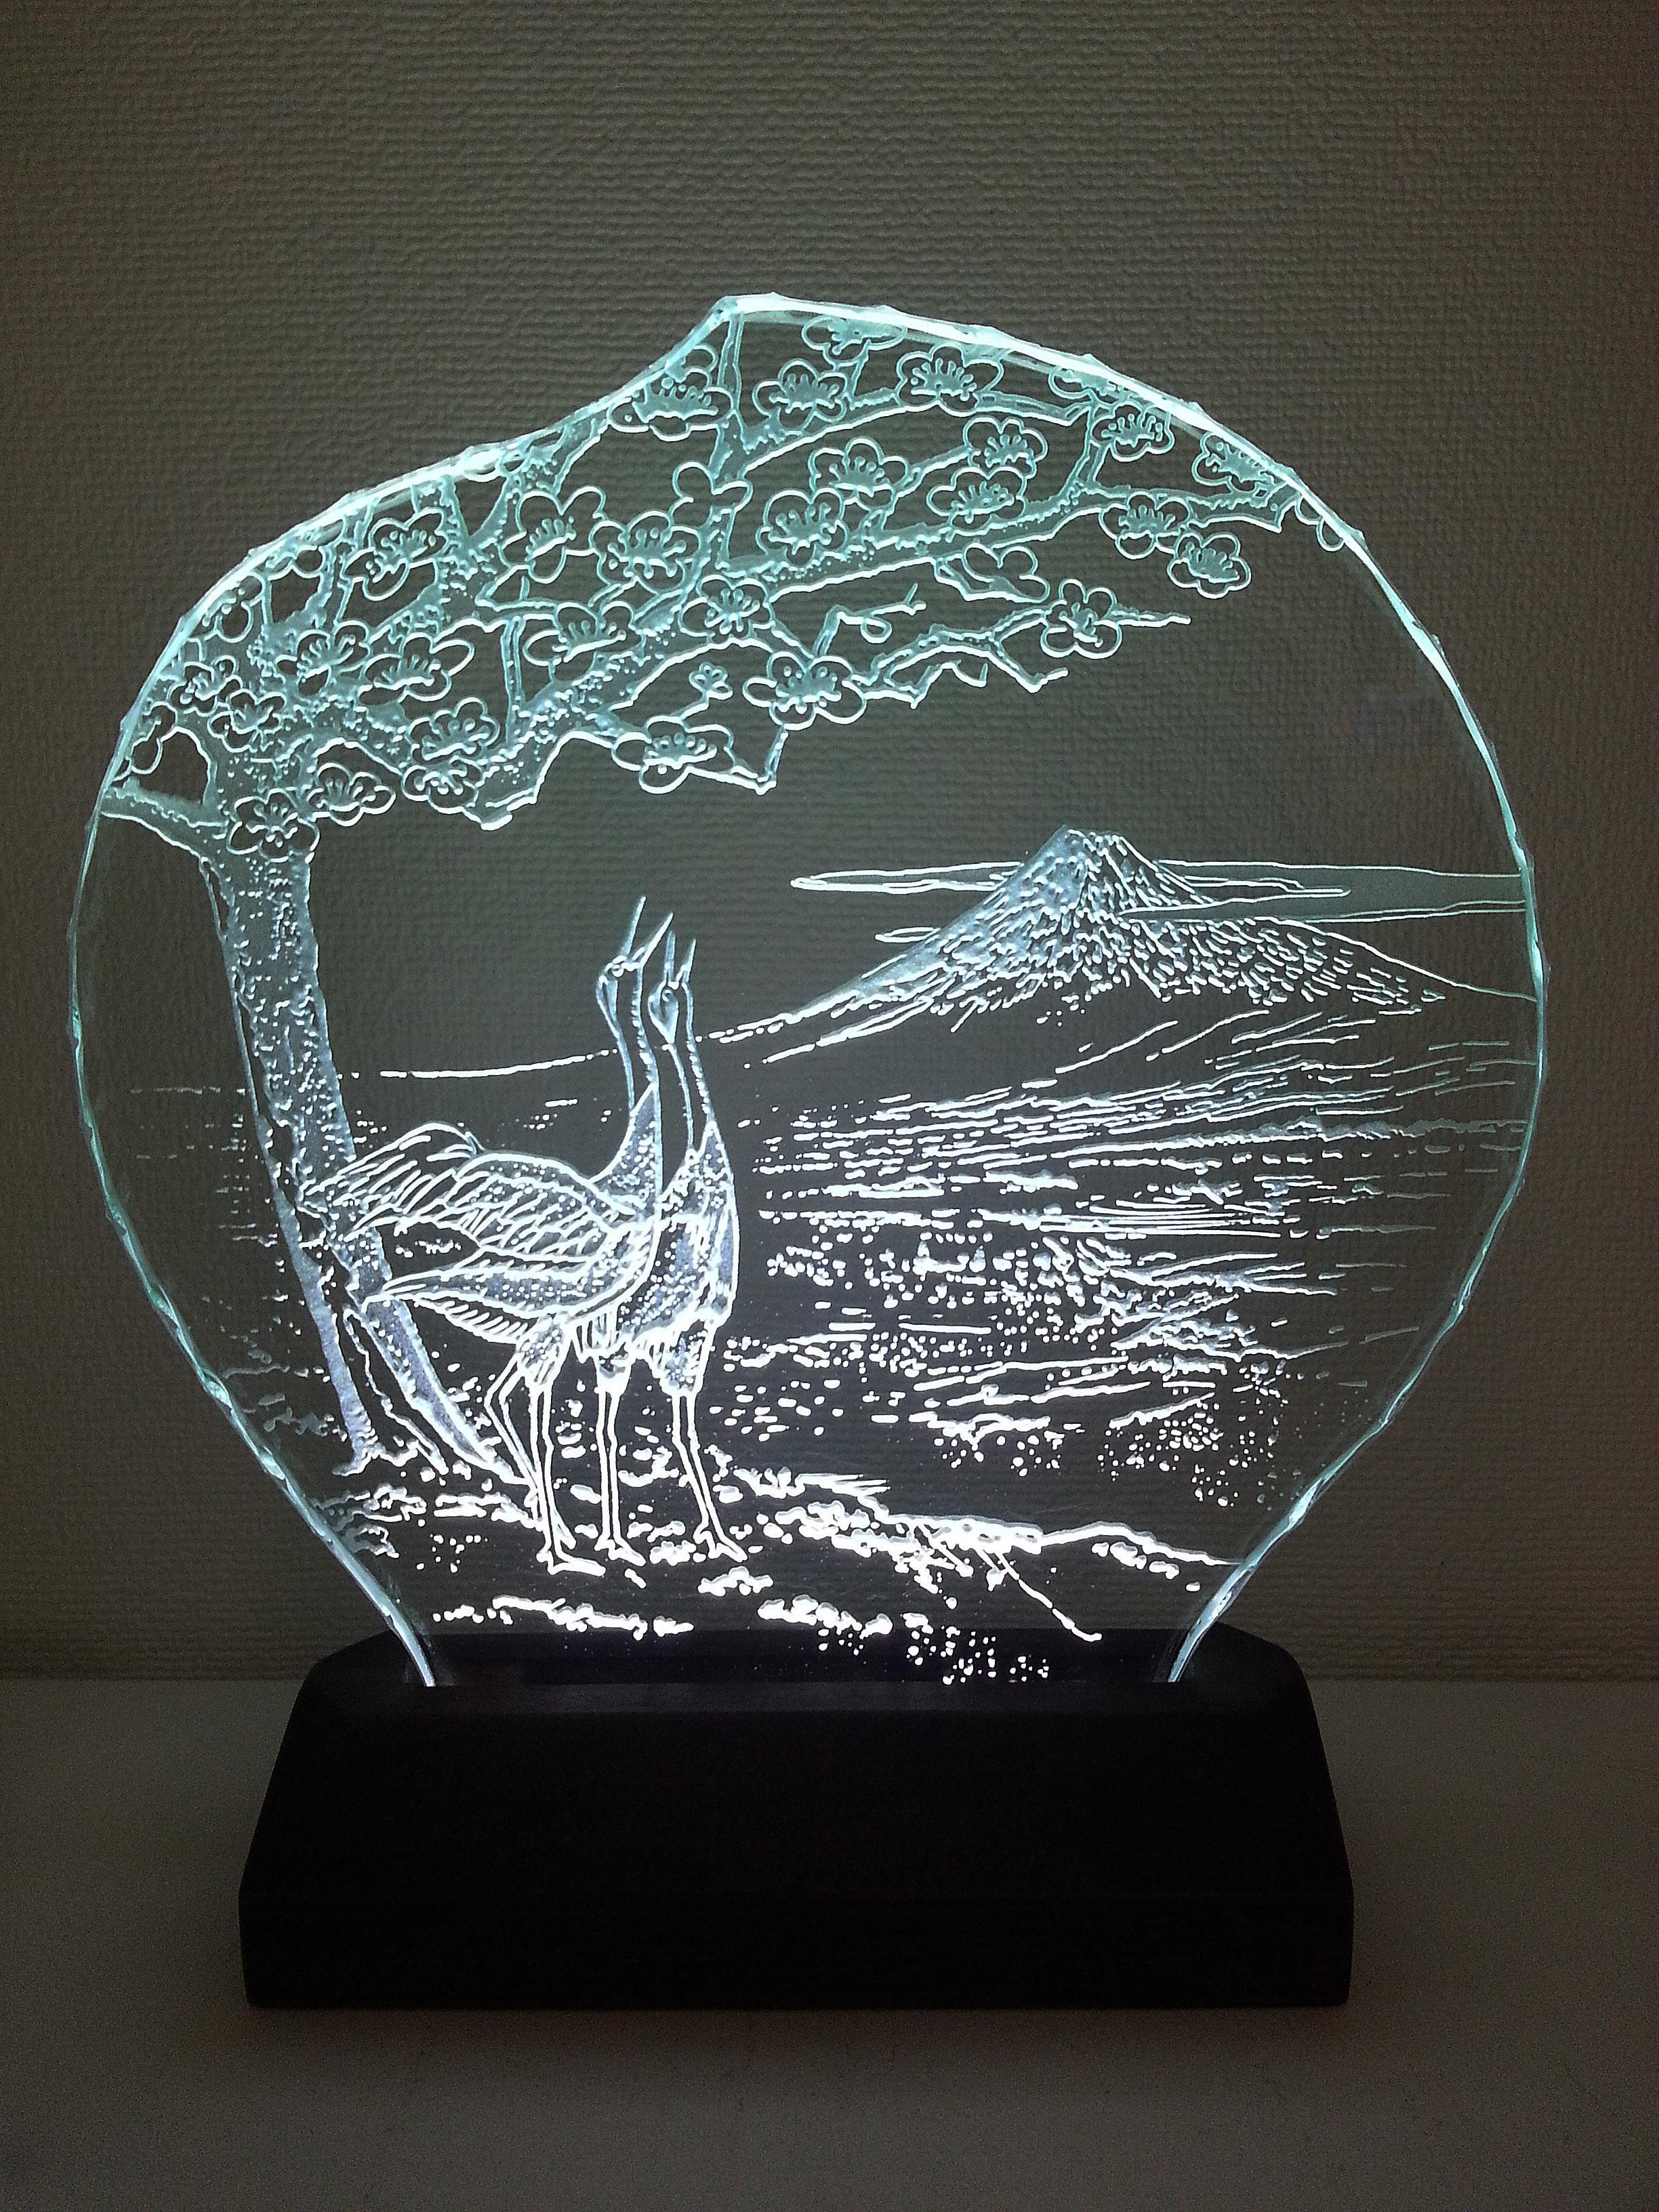 【新春・和】富士山・紅梅・丹頂鶴 ガラスエッチングパネル Mサイズ・LEDスタンドセット(ランプ・ライト・照明)